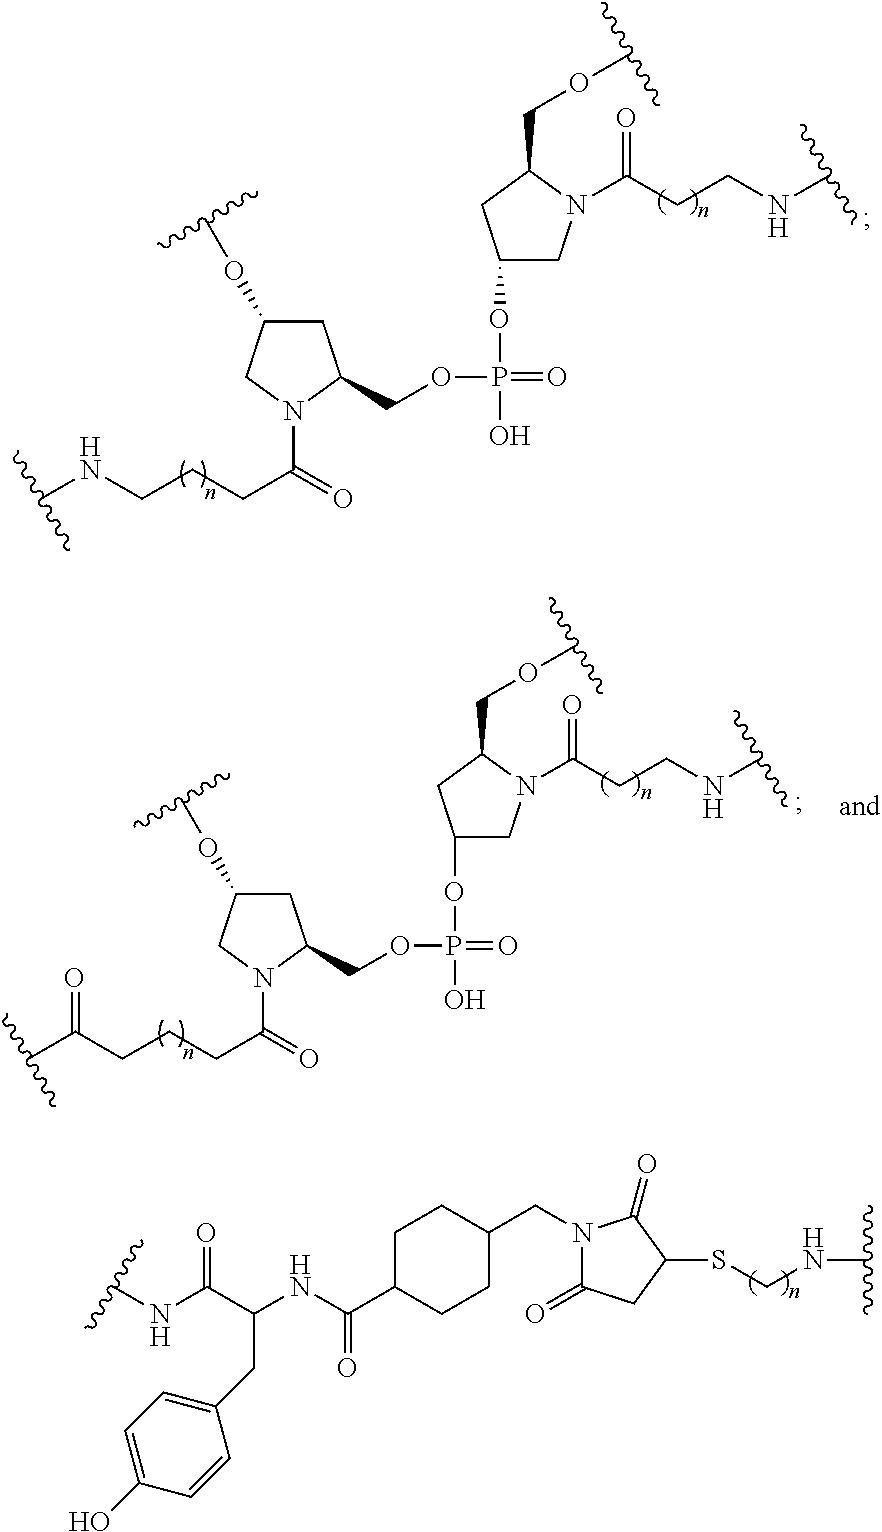 Figure US09943604-20180417-C00056